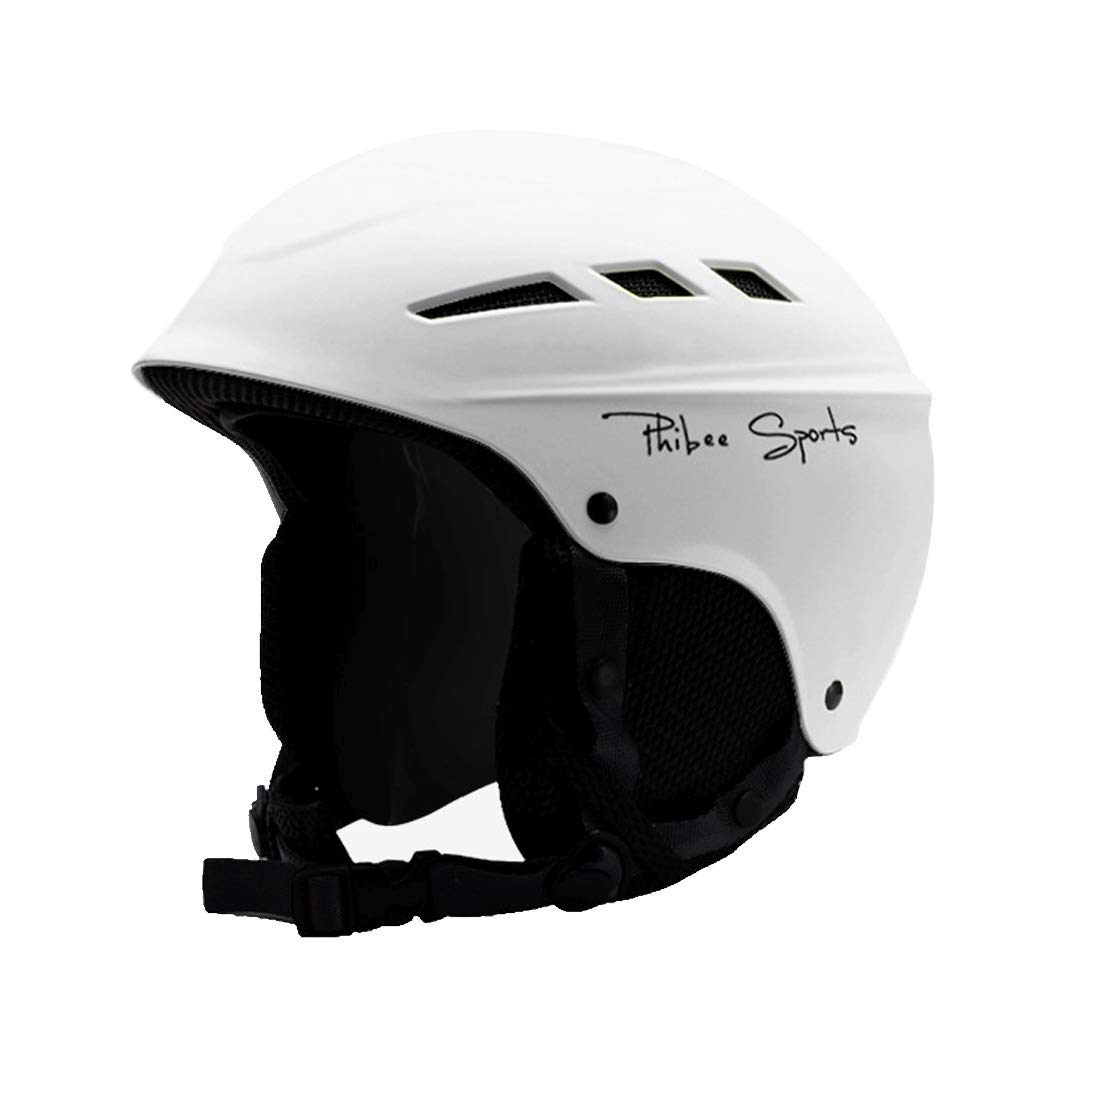 プロフェッショナルスキー用保護ヘルメットシングルおよびダブルプレート8通気孔PCシェル調節可能バックル親子保護用ヘルメット、サイズ:L、5662 cmにフィット,   B07MY2YDVY